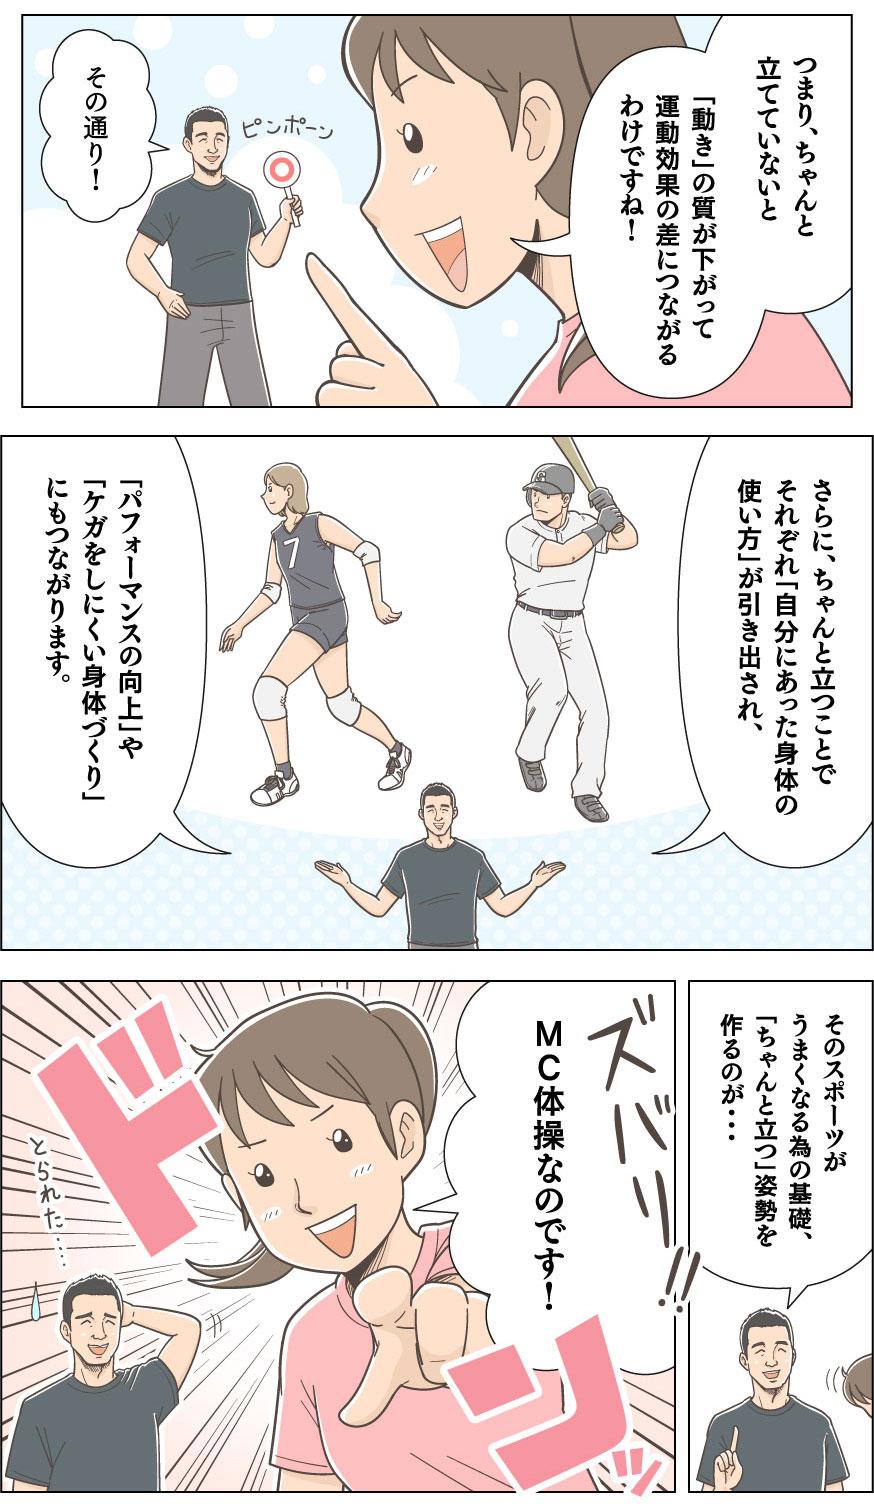 MC体操マンガ2